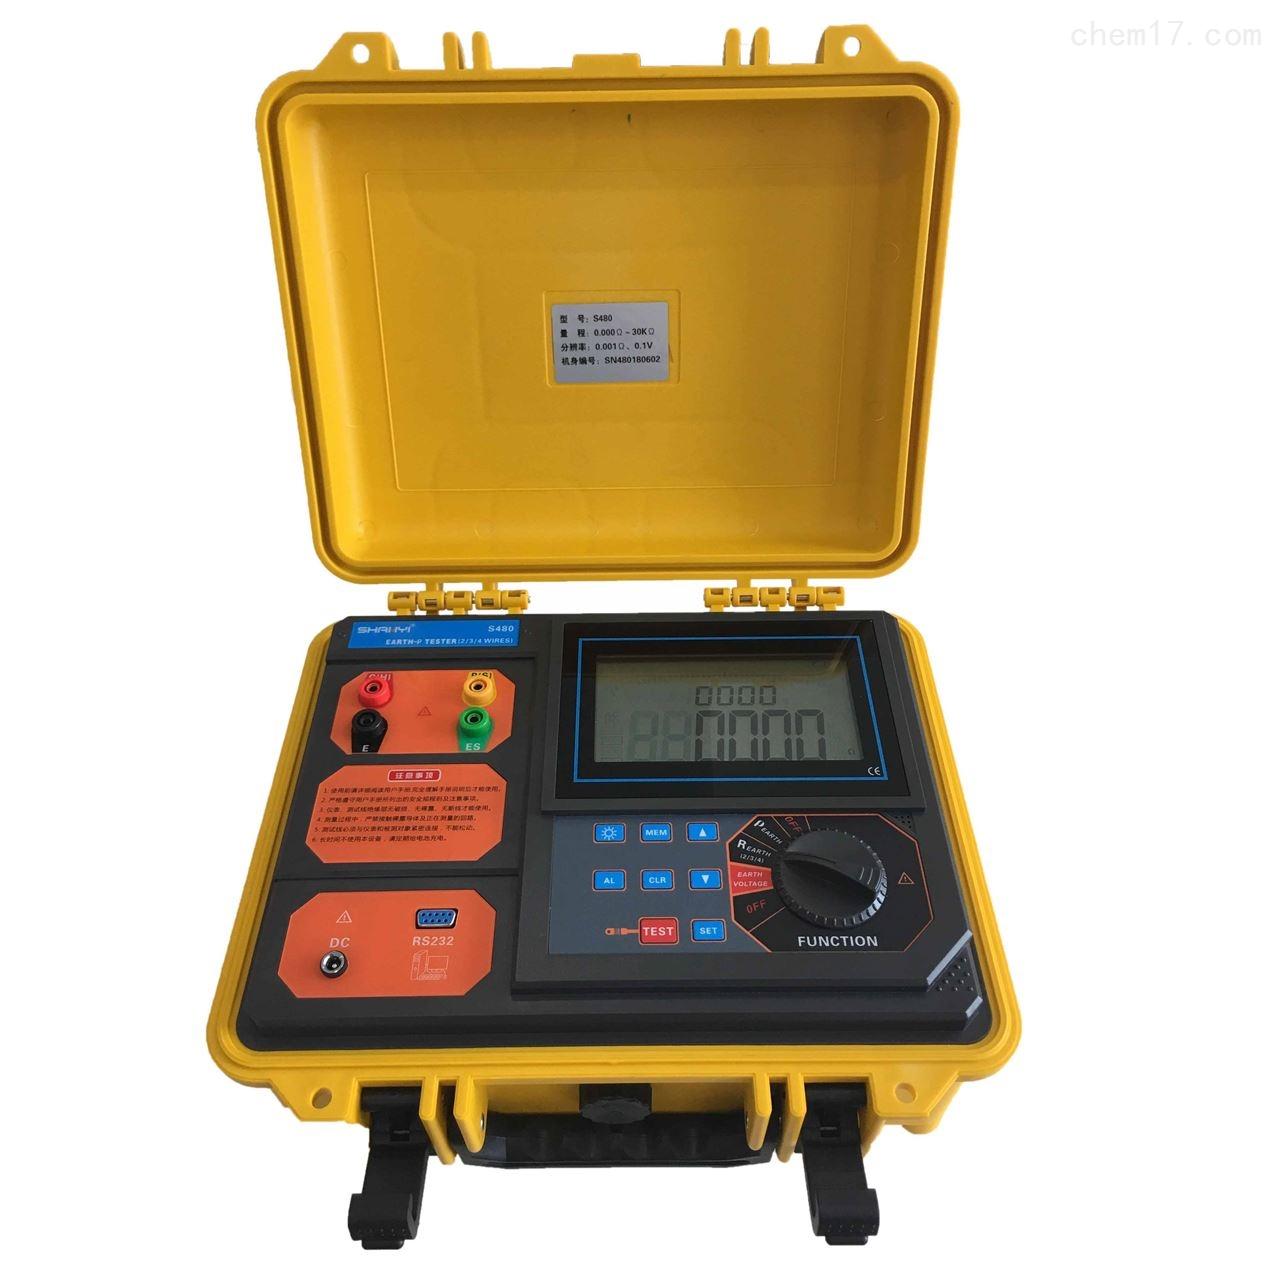 S480 接地电阻.土壤电阻率测试仪